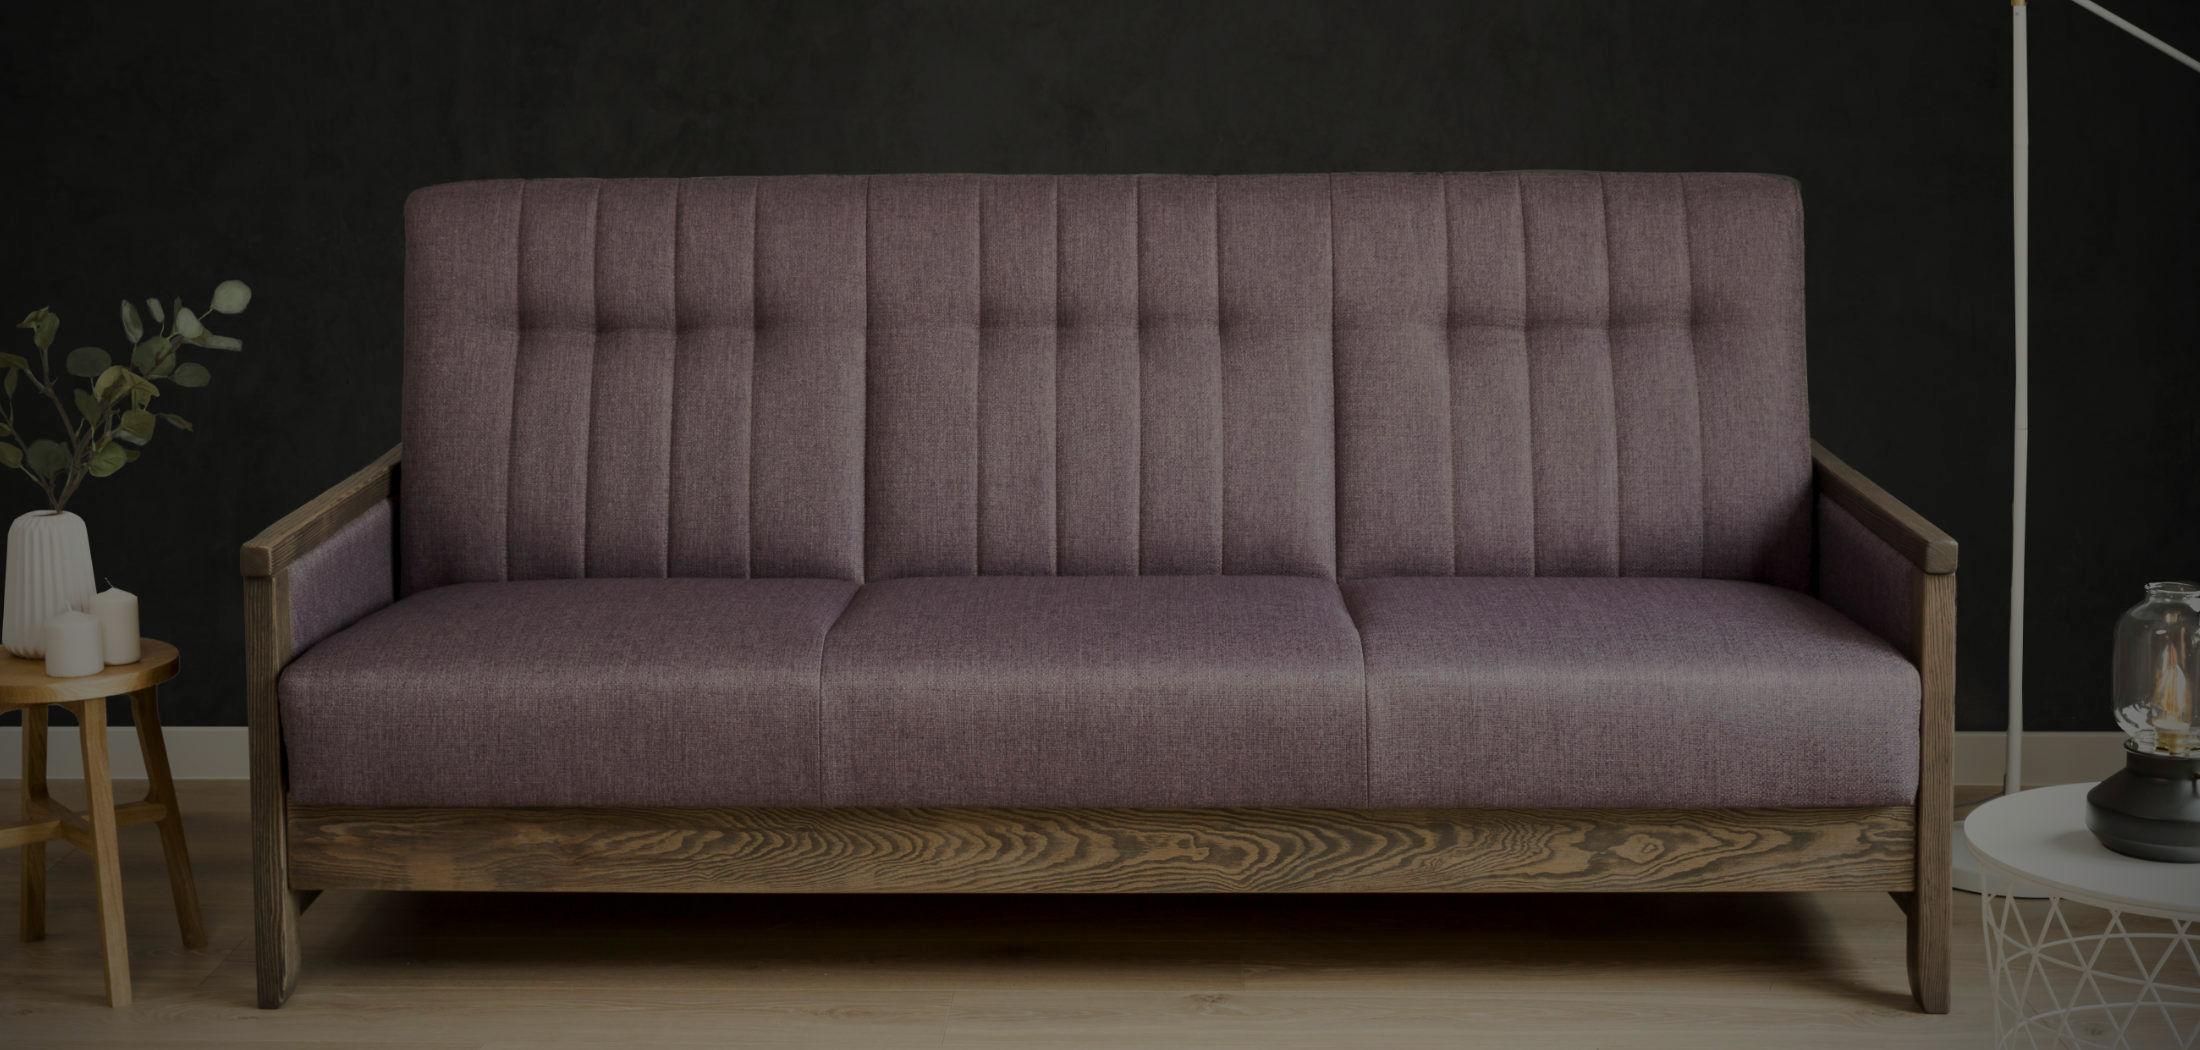 Fabio sofa - Orfeusz